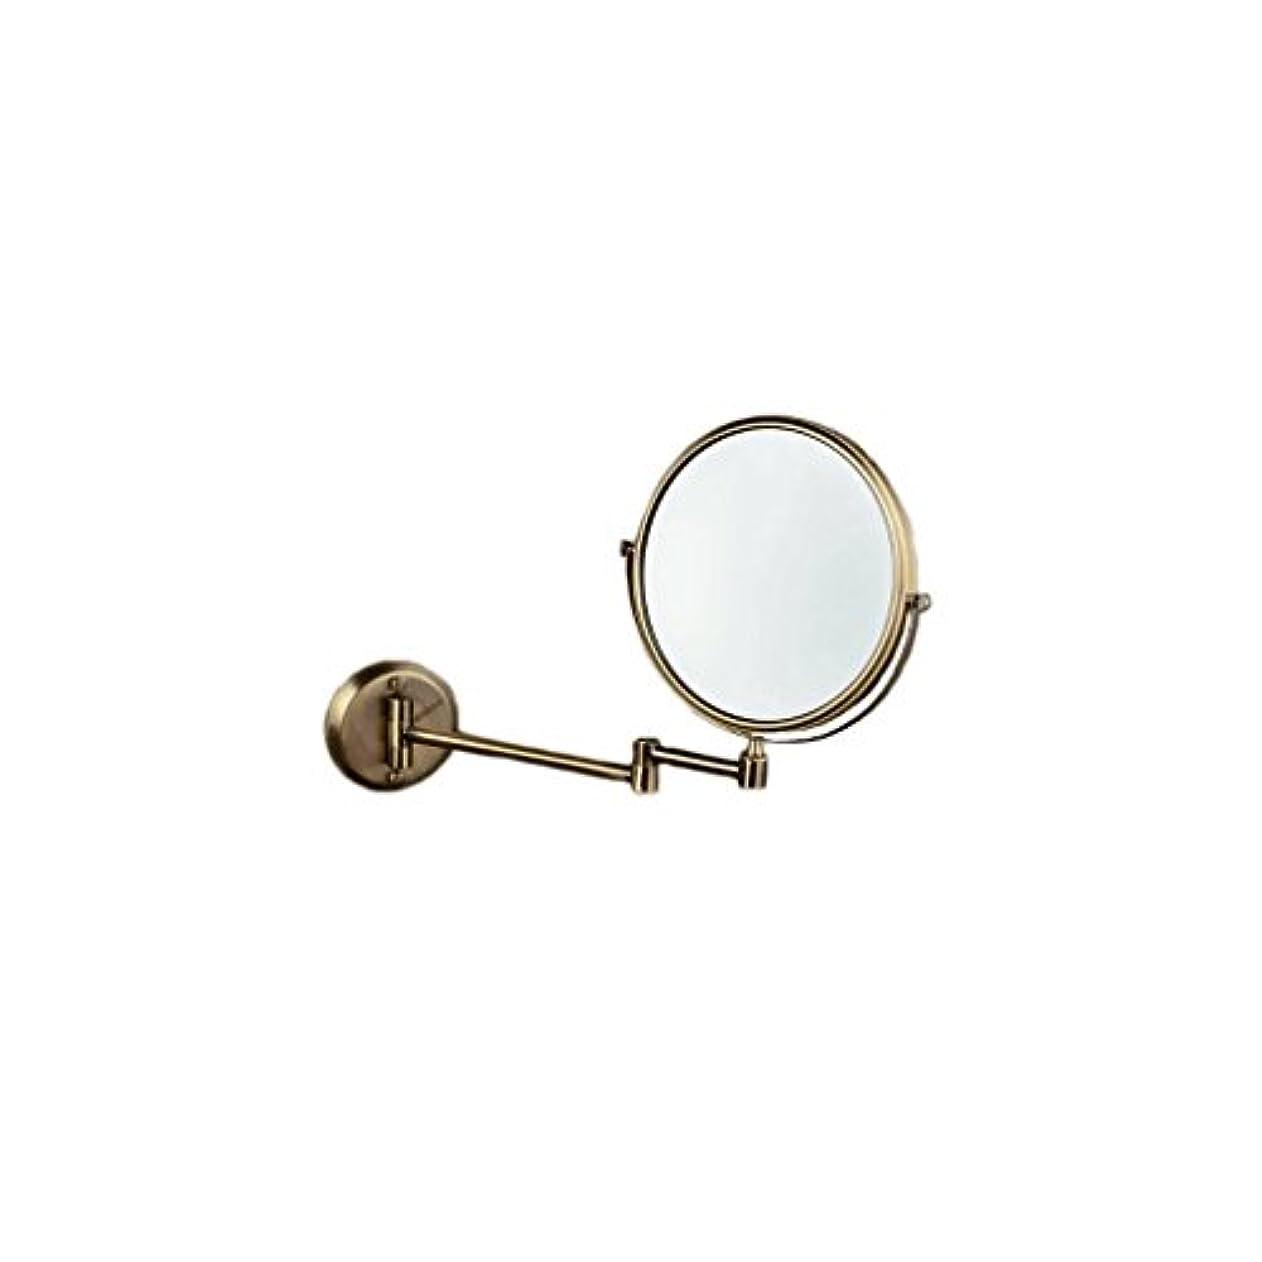 糞日没インタラクションJTWJ グリーンブロンズ壁掛け美容ミラー浴室壁掛けミラー格納式化粧鏡レトロミラー